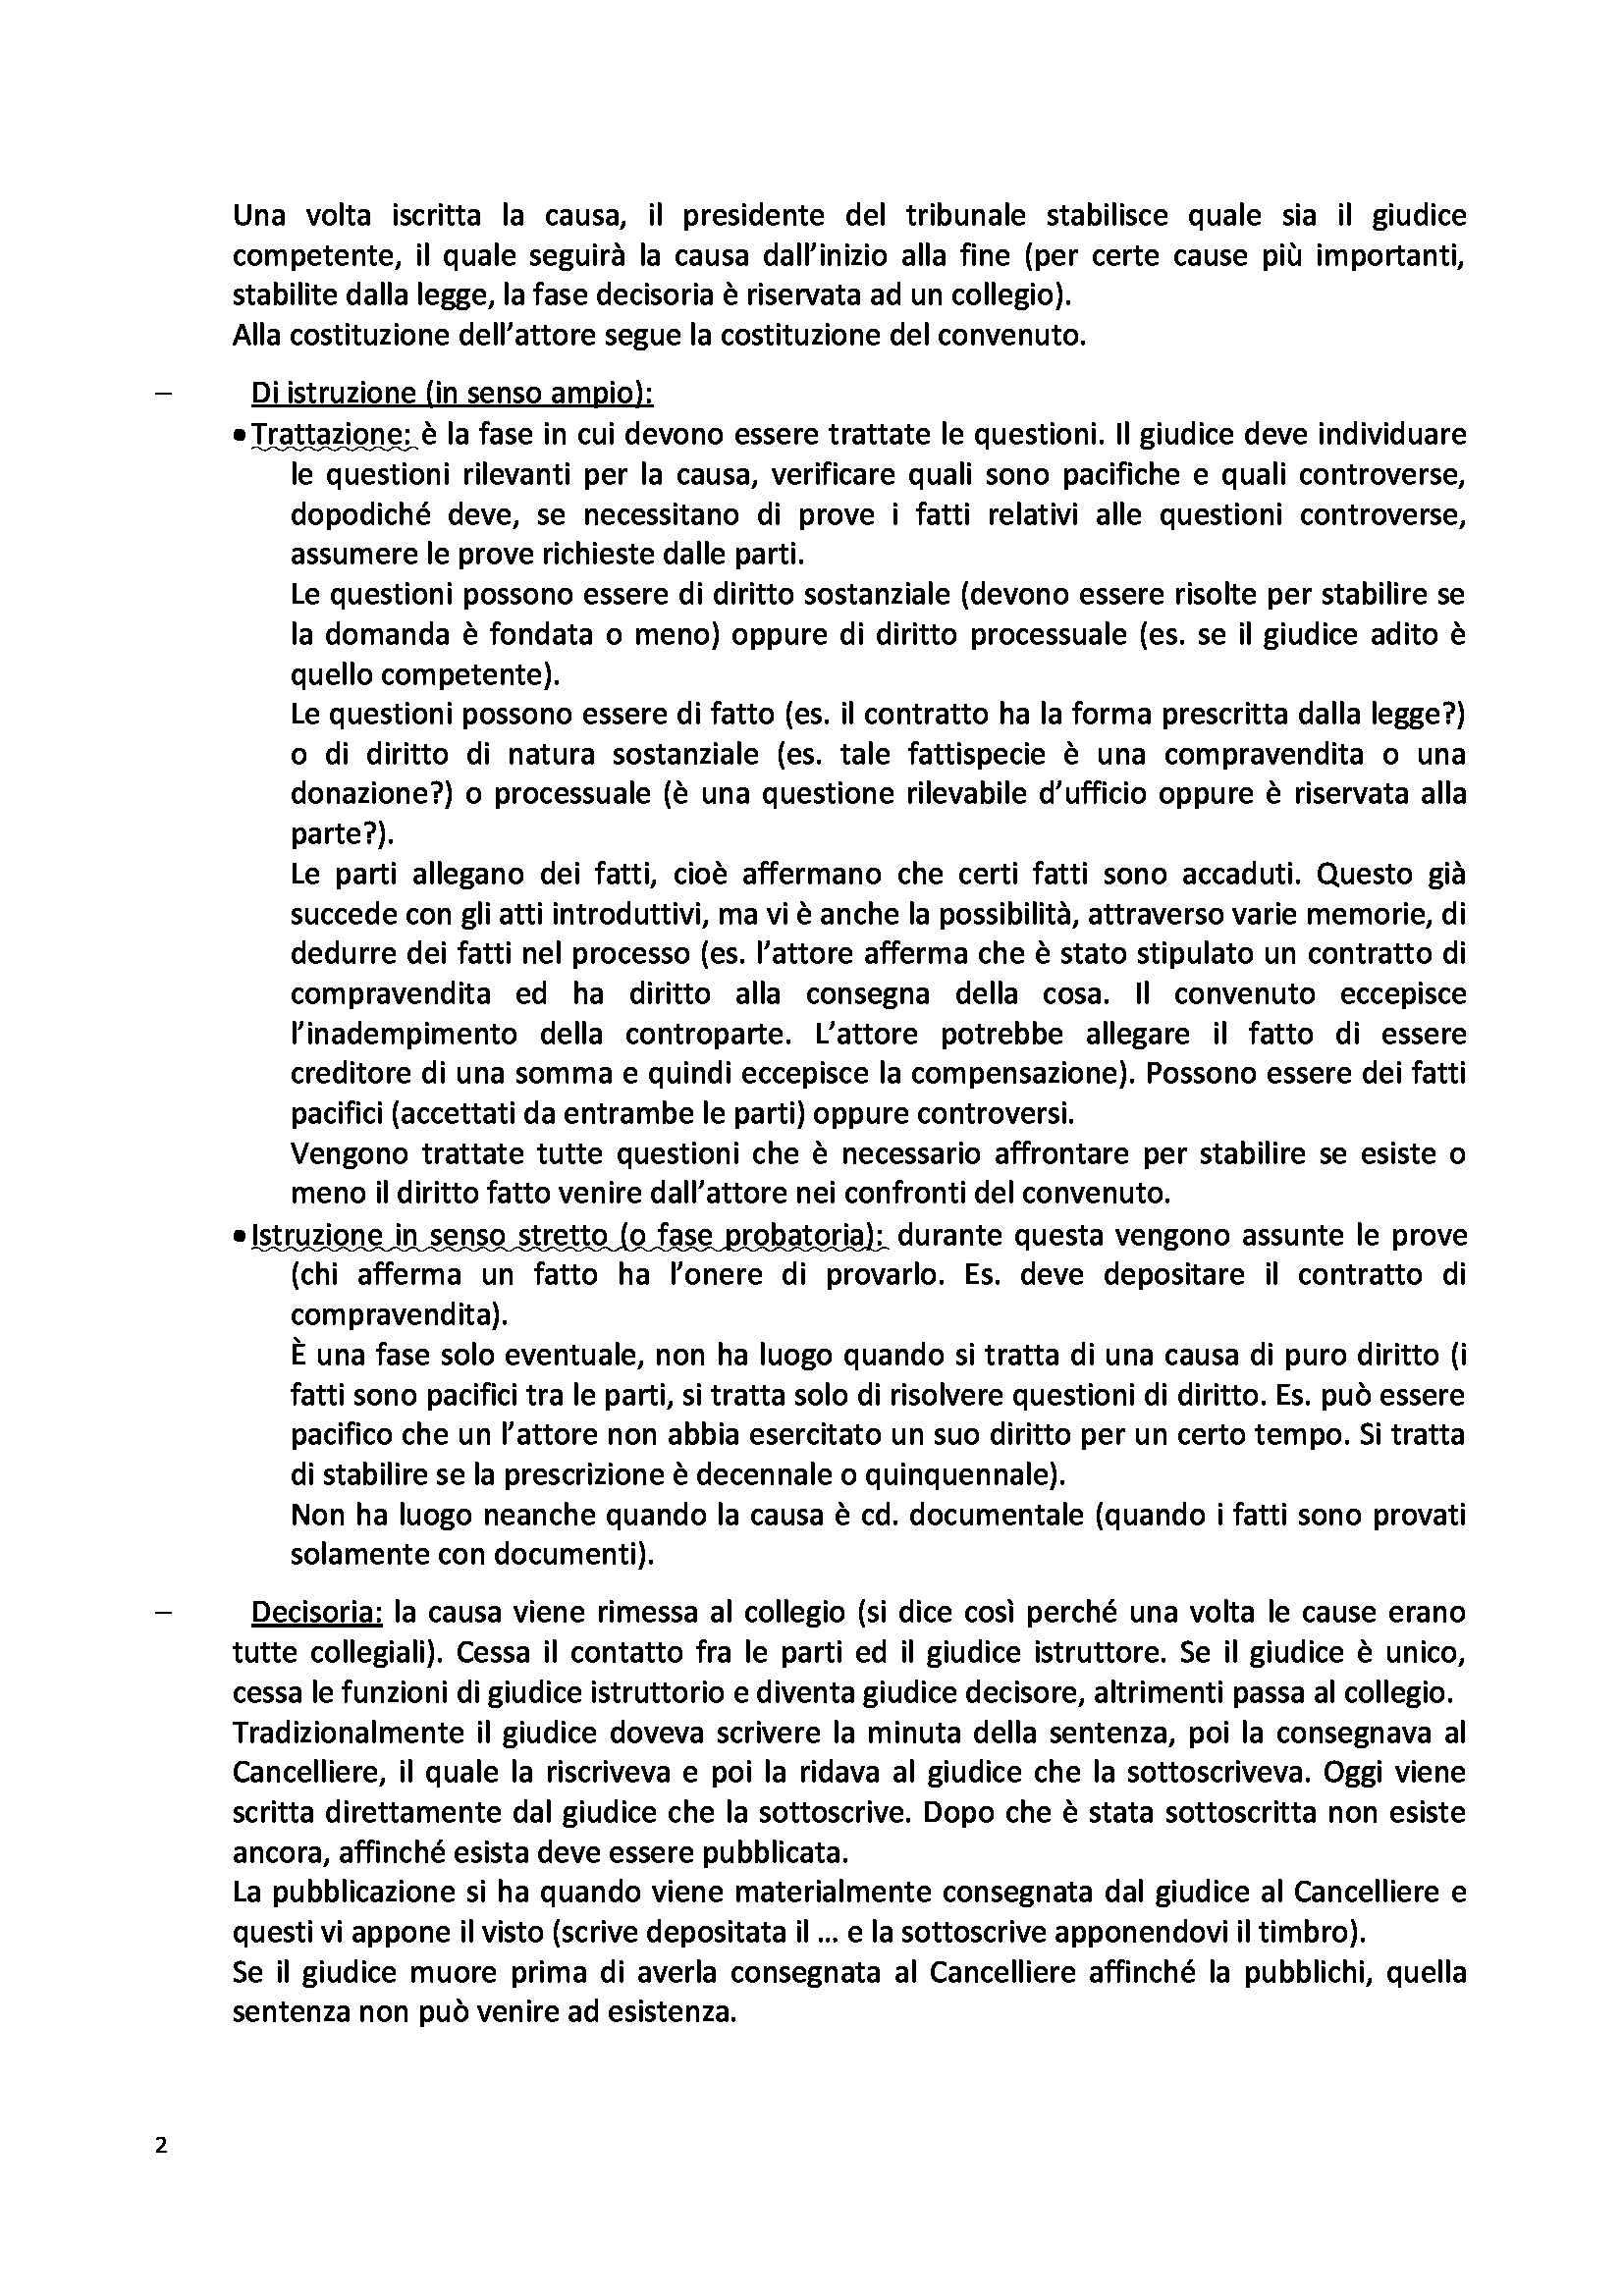 Riassunto esame Diritto Processuale Civile, prof. Giacomelli, libro consigliato Consolidazione diritto procedura civile I 2013 Pag. 2